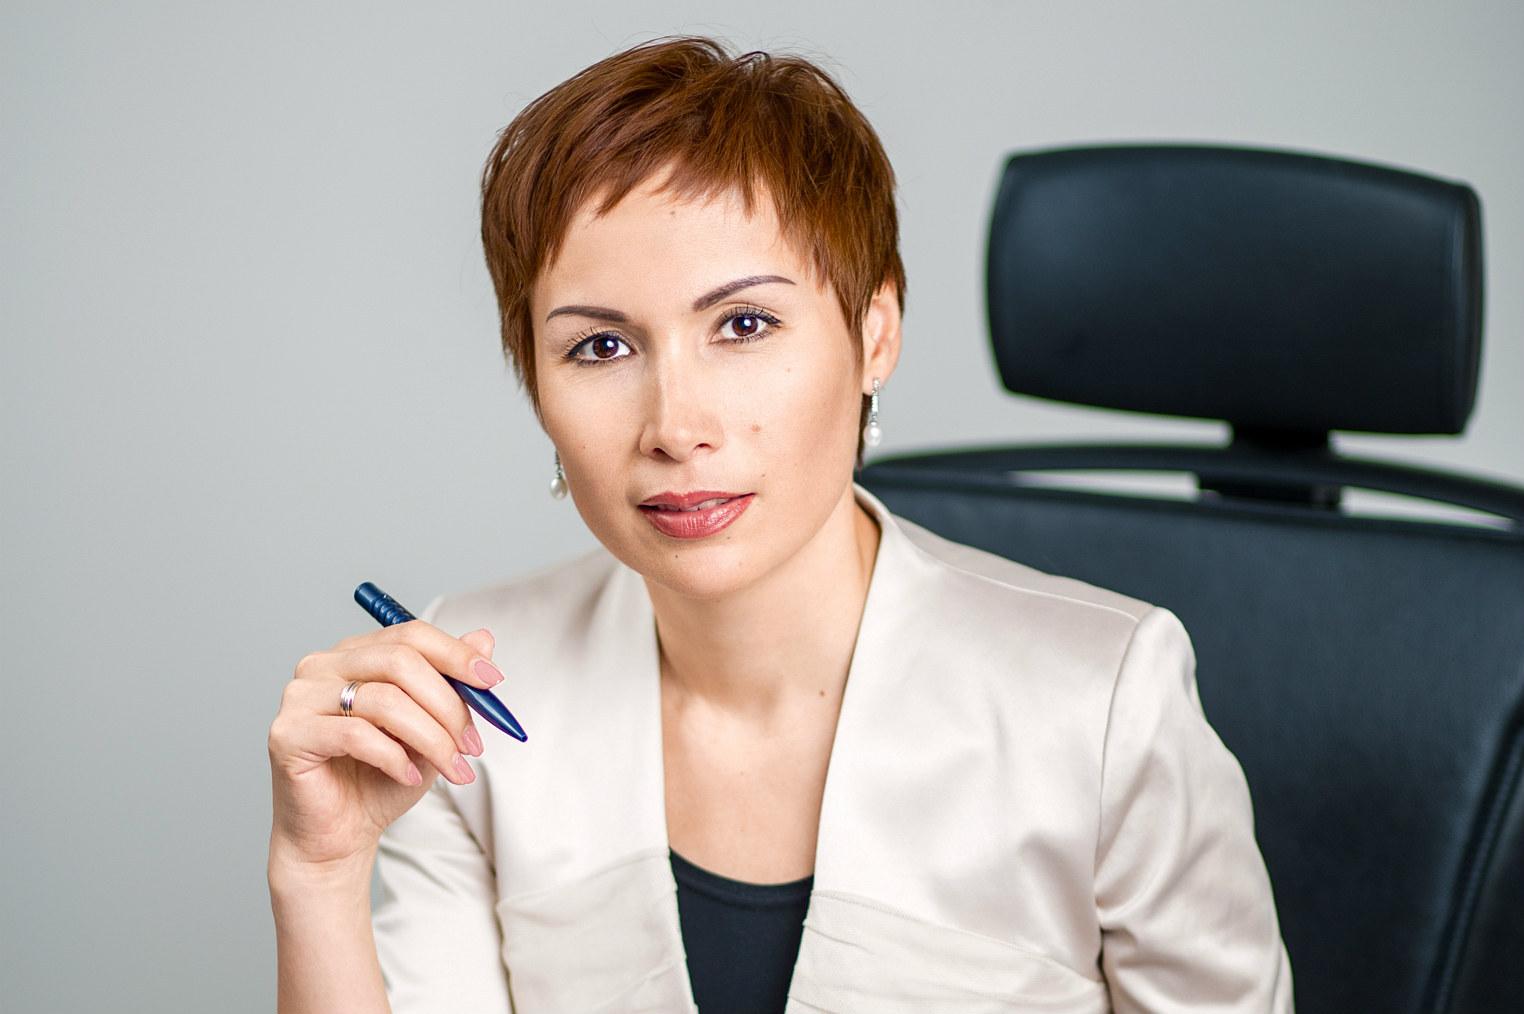 Лариса Горчаковская, генеральный директор ВТБ Пенсионный фонд (дочерняя структура банка ВТБ).